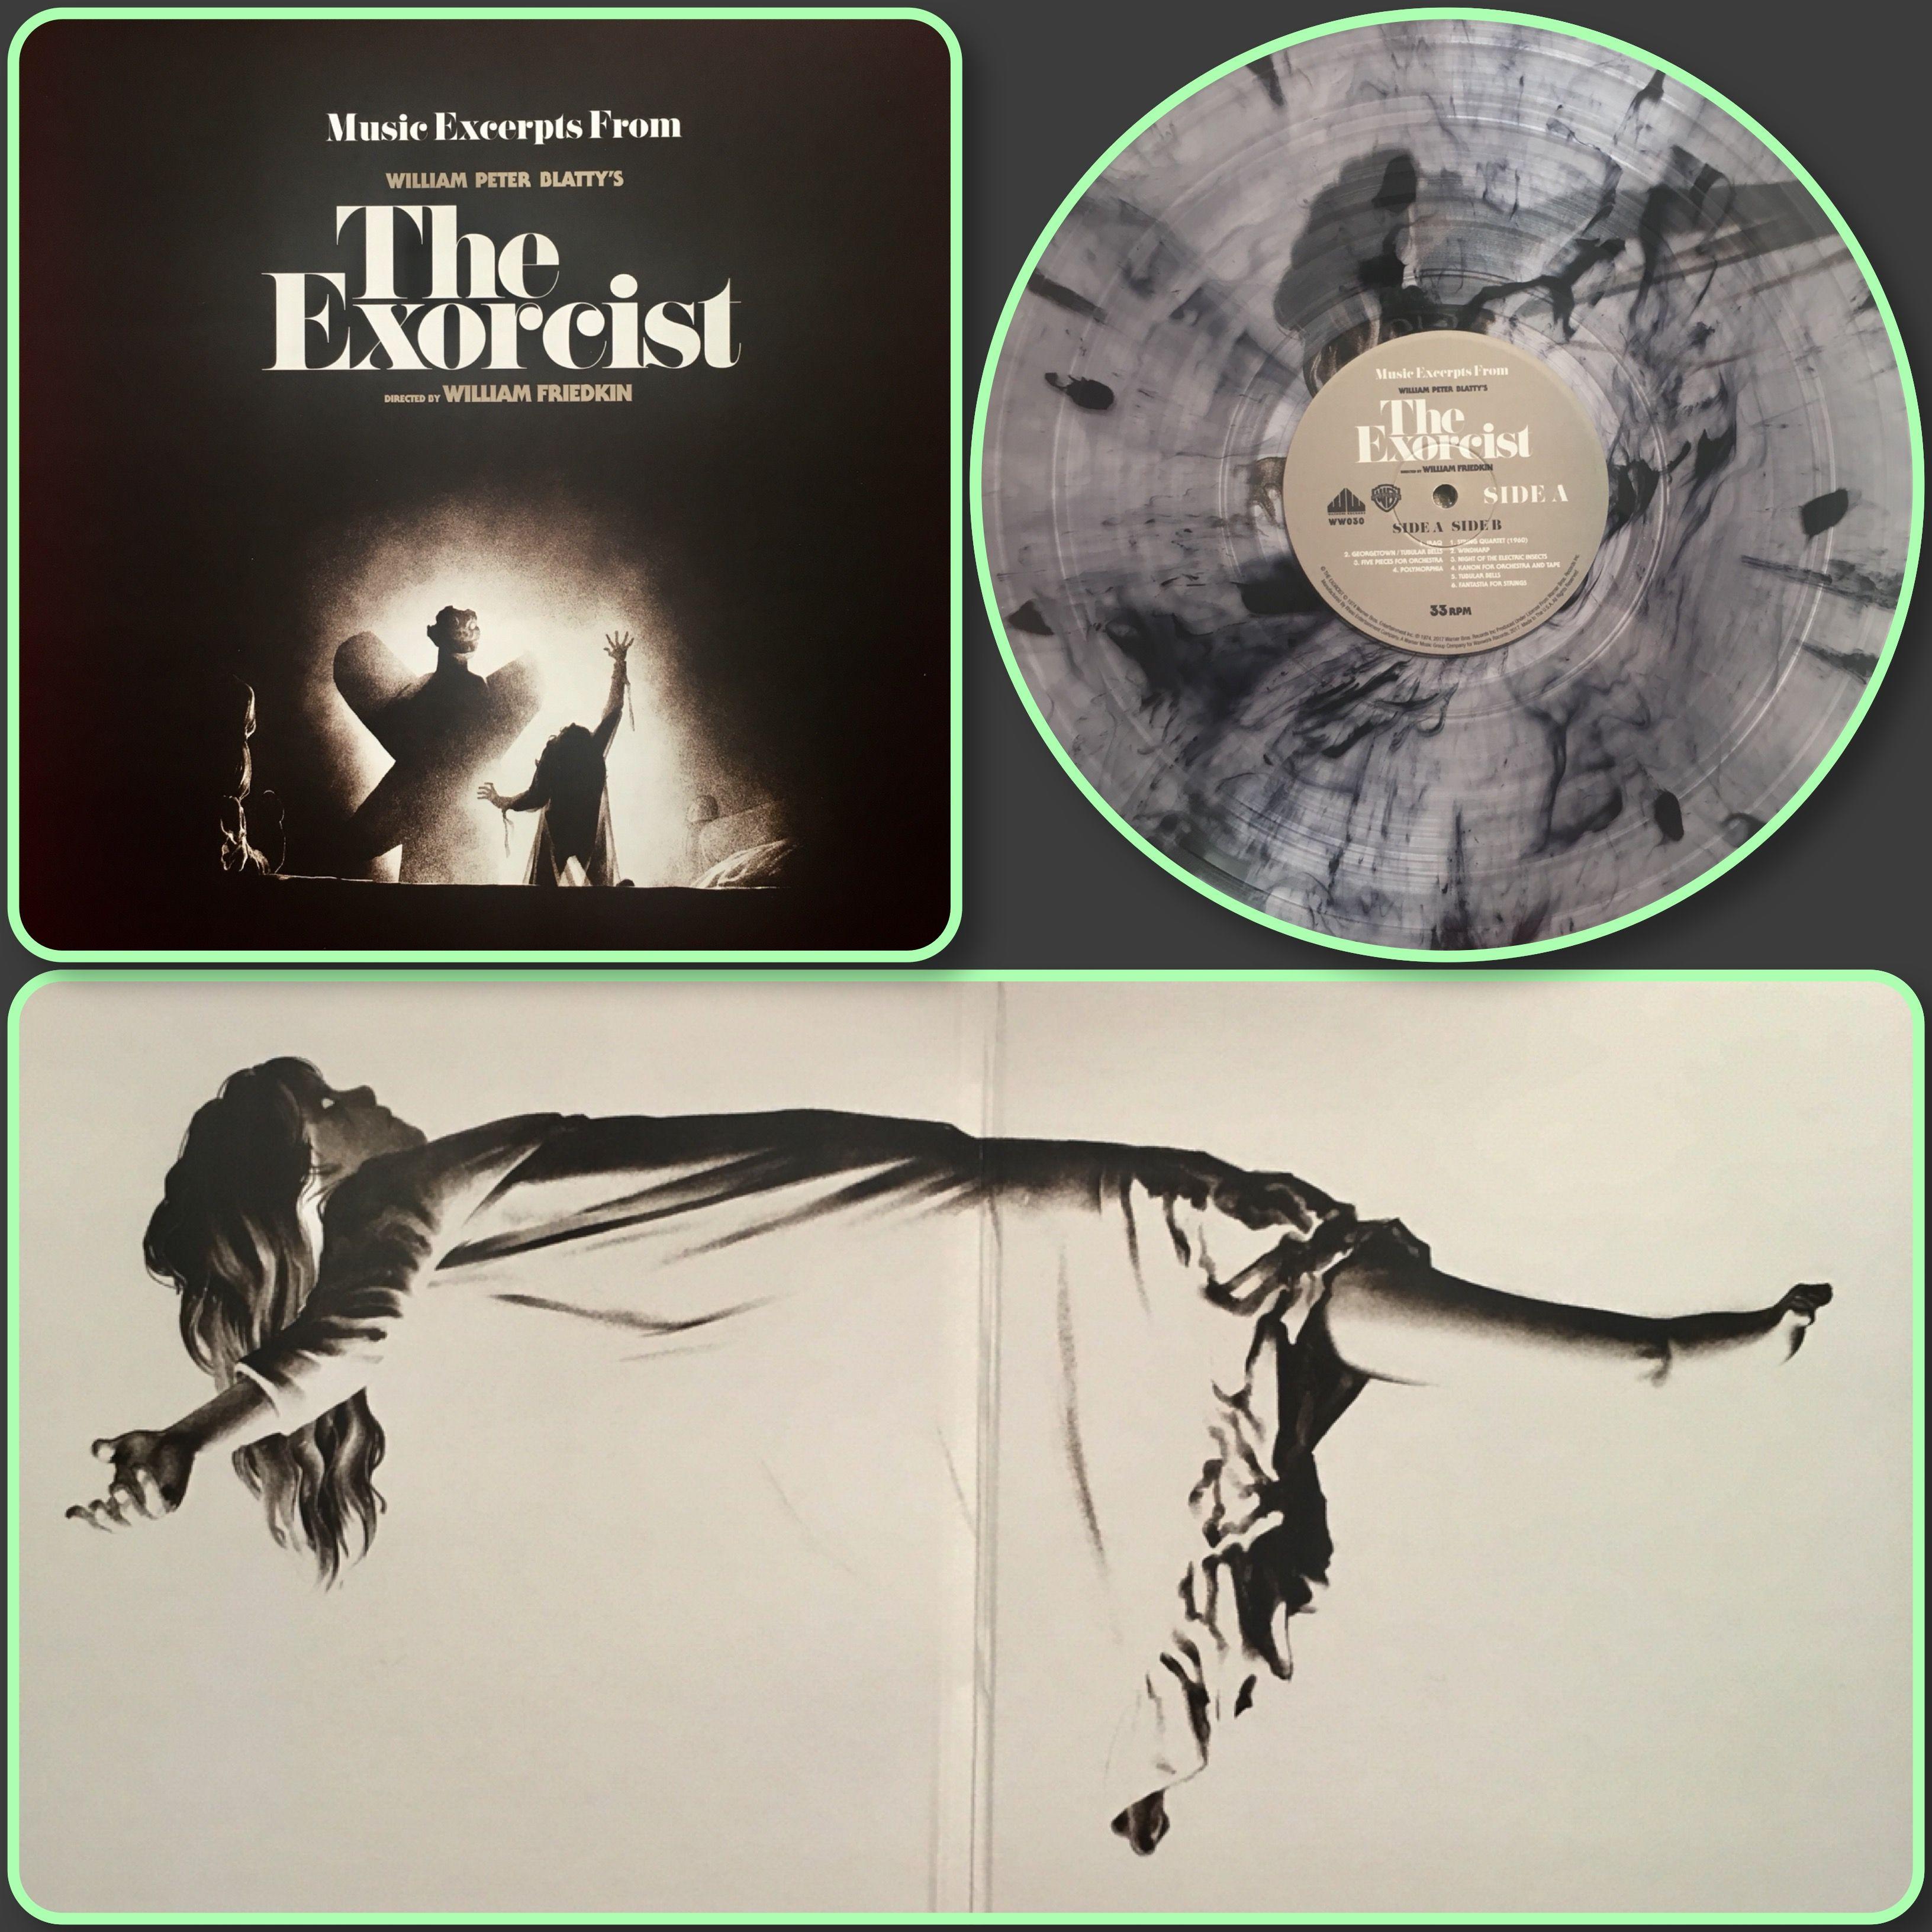 The Exorcist Ost 2017 Waxwork Records Vinyl Pressing Horror The Exorcist Waxwork Vinyl Records